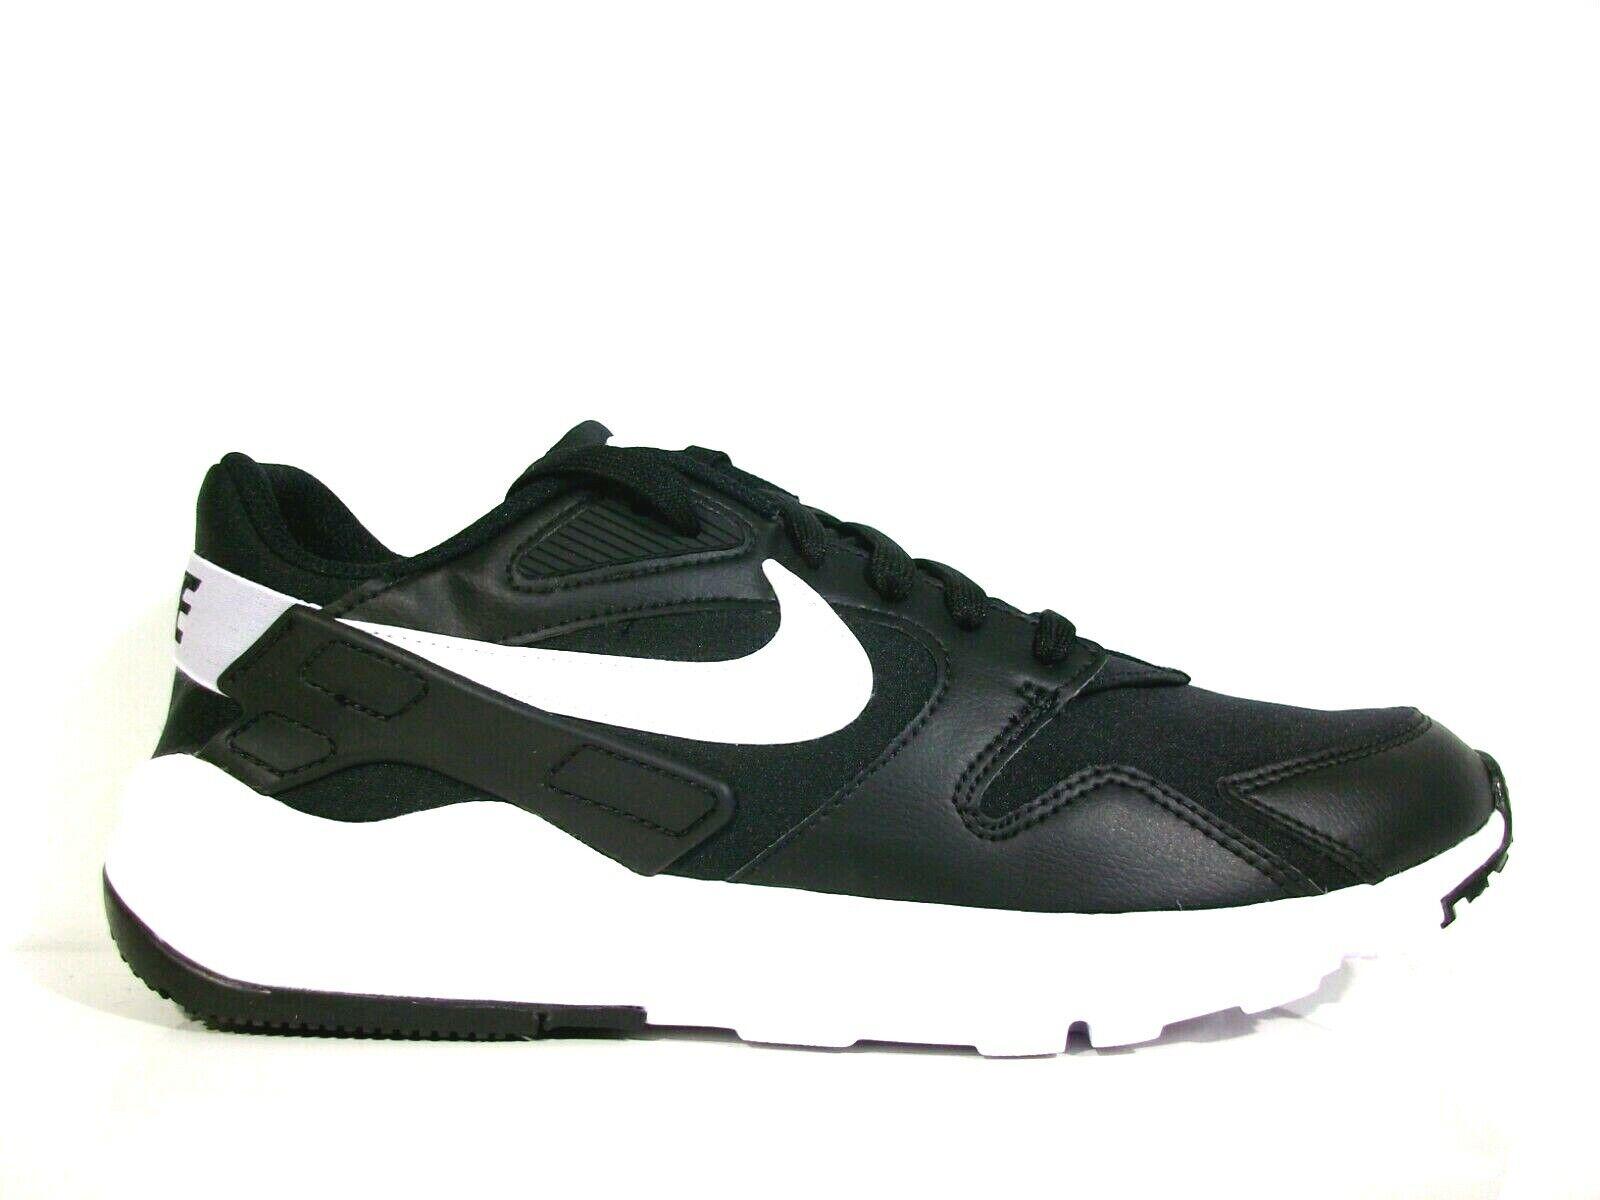 Nike Herren Turnschuhe LD VICTORY schwarz weiß AT249001 Größe 43-46